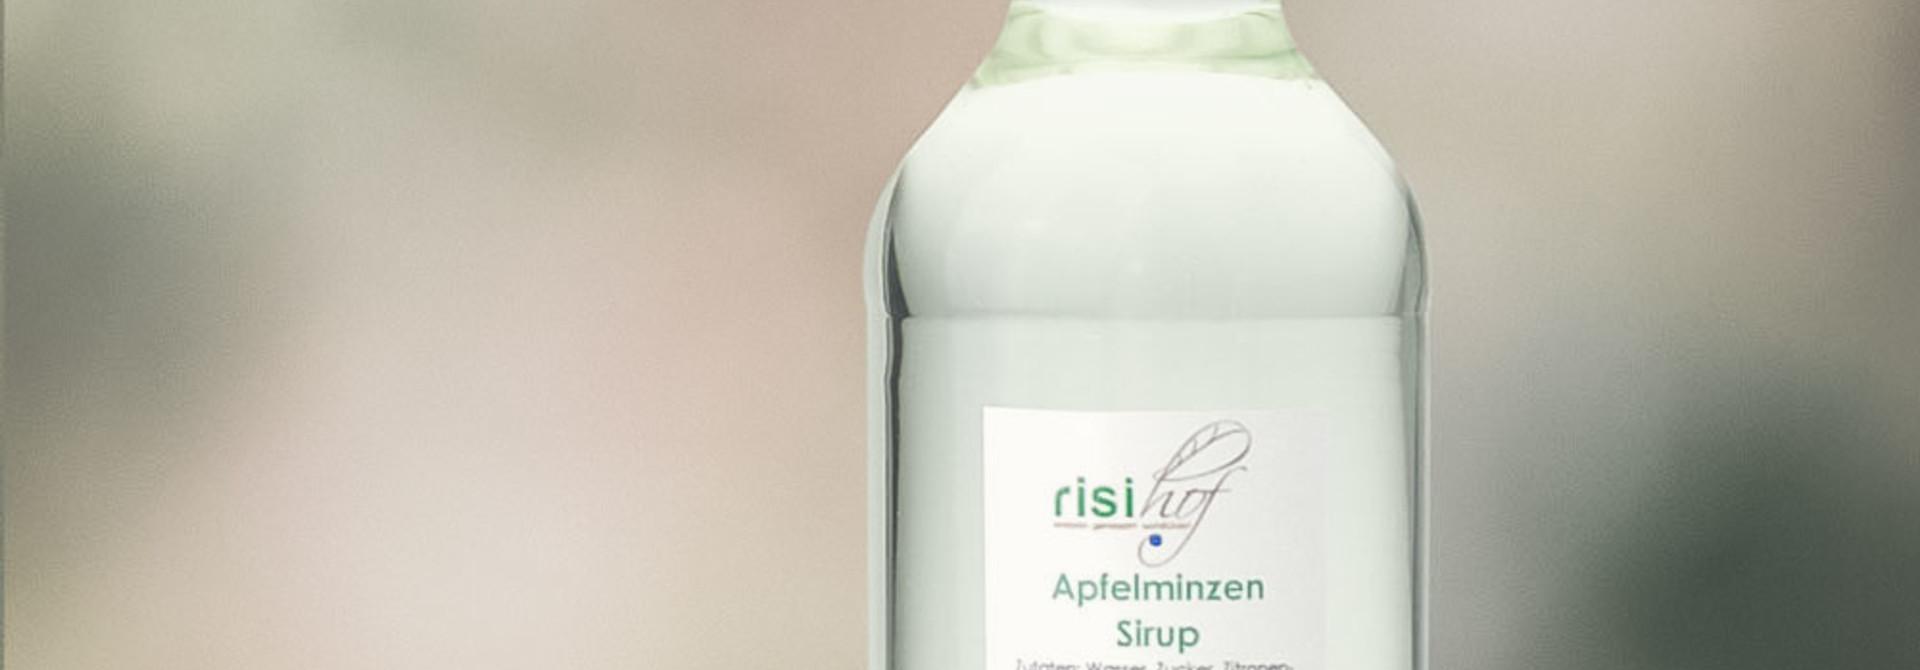 Apfelminzen Sirup 50cl